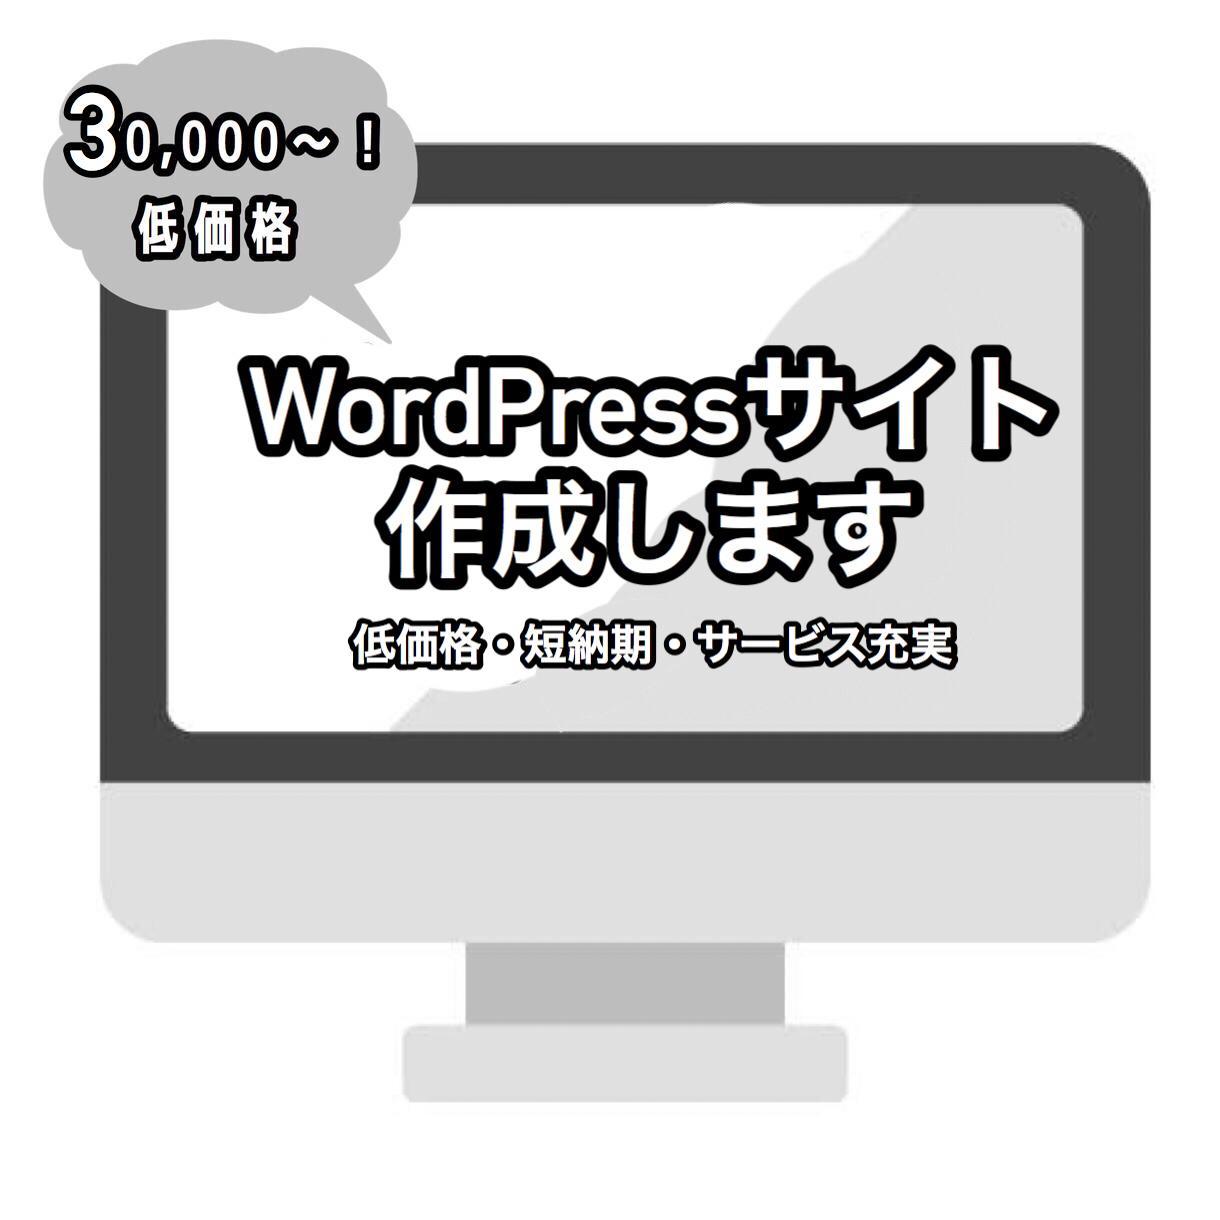 サービス充実!Wordpressサイト作成します 『低価格・短納期・サービス充実』Wordpressサイト作成 イメージ1